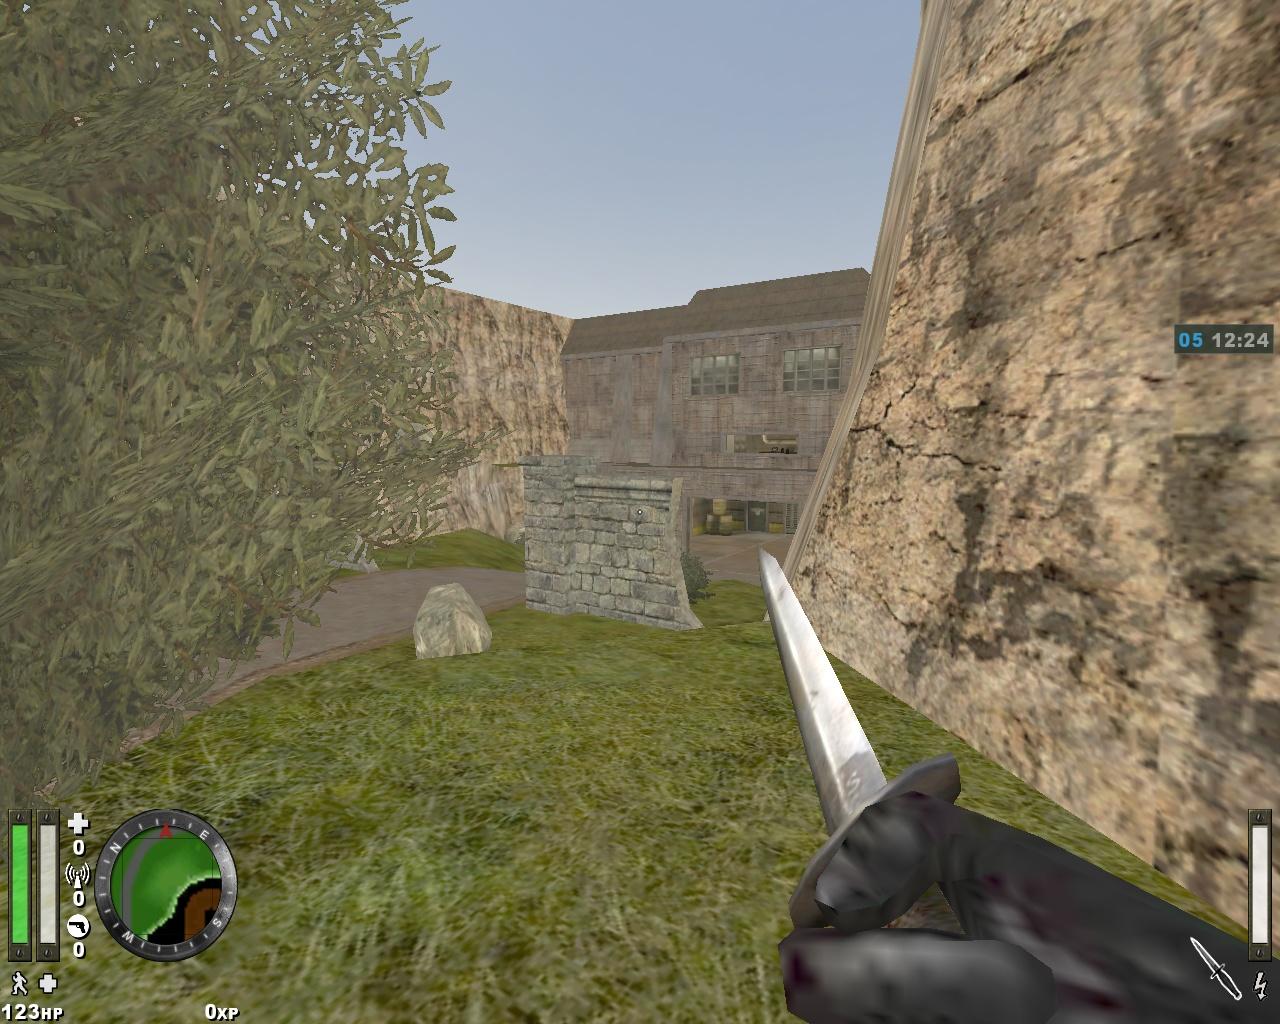 Download torrent wolfenstein enemy territory imgur.